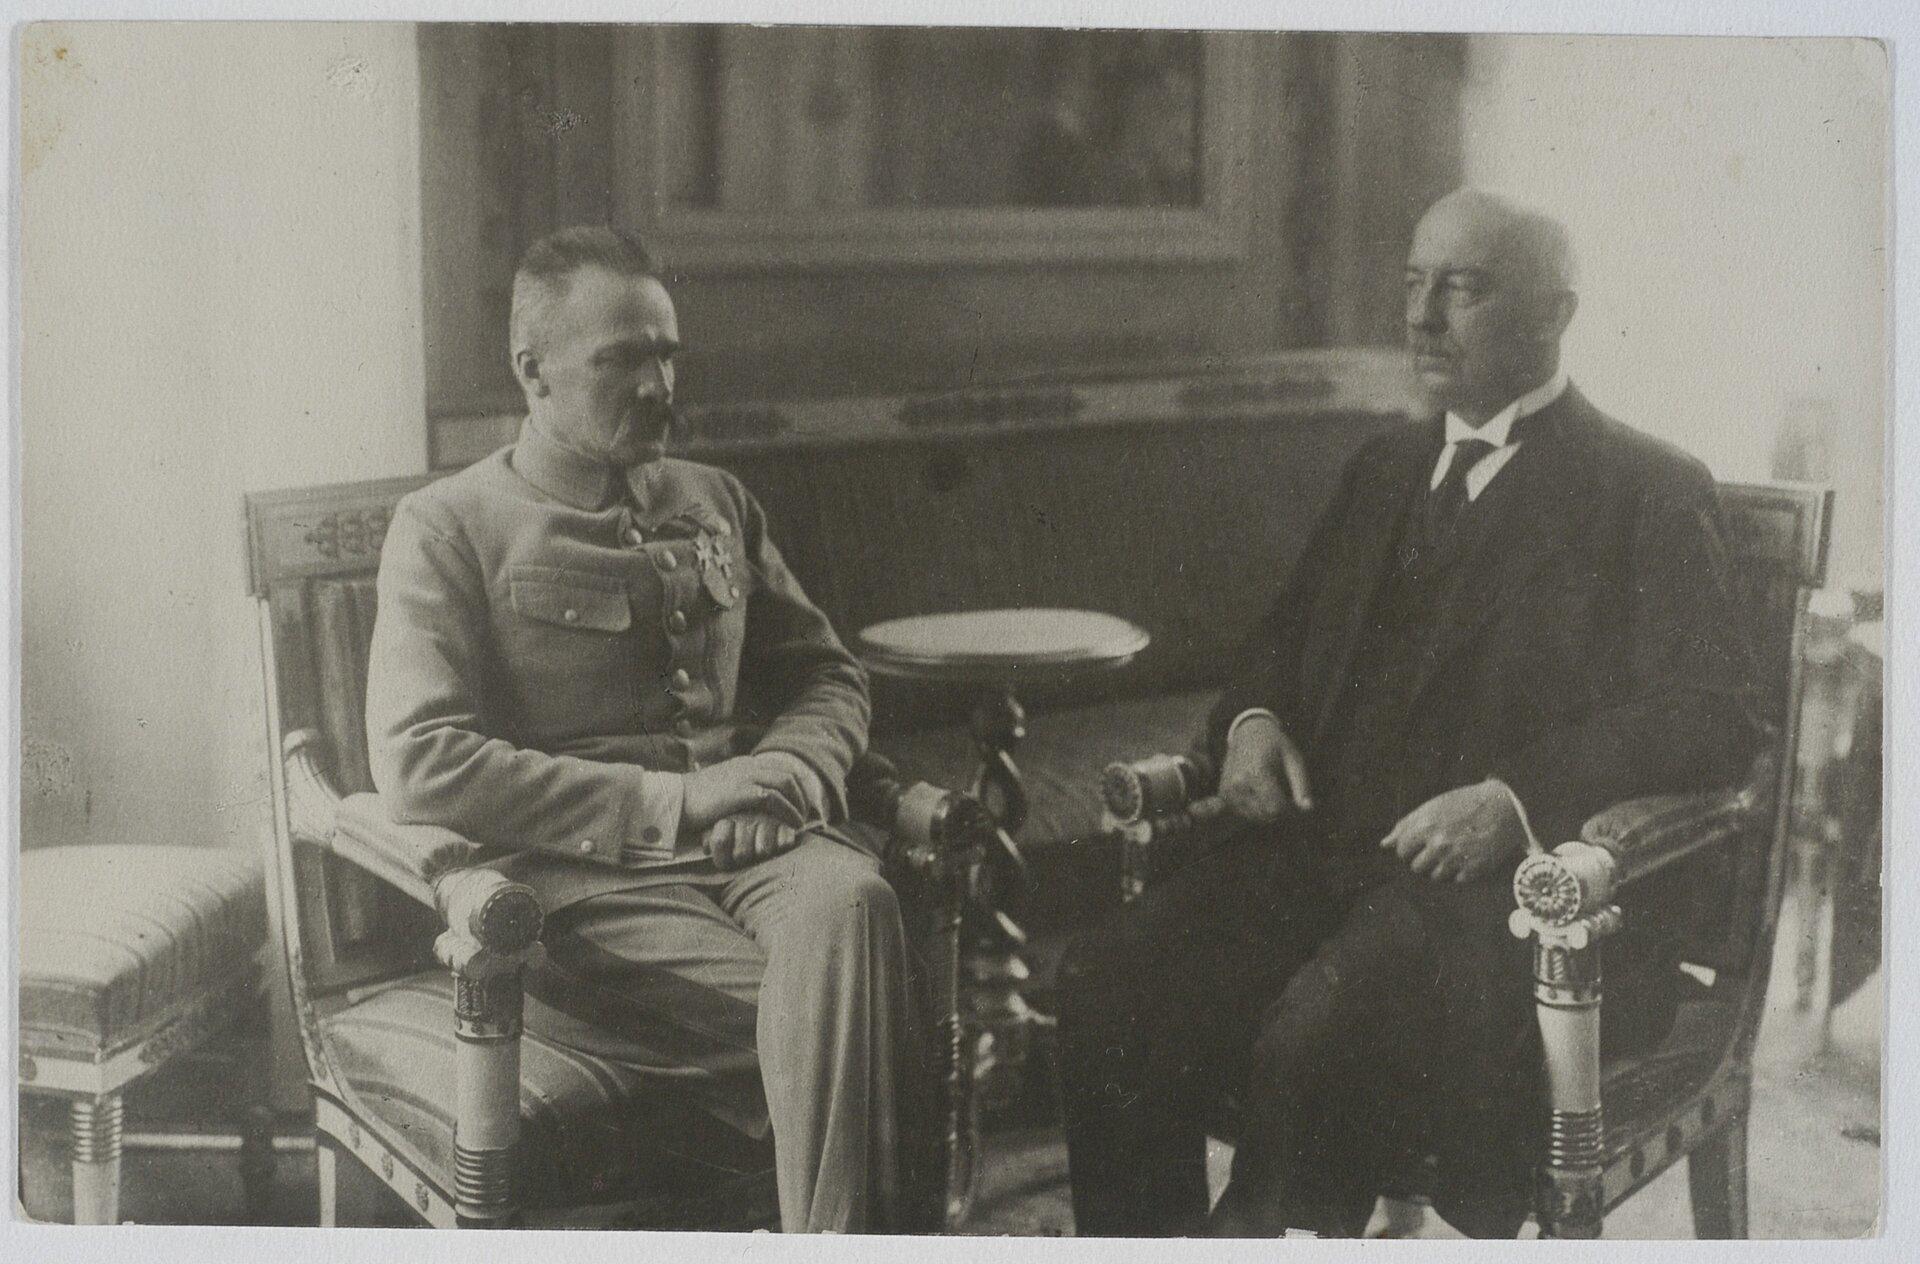 Spotkanie Józefa Piłsudskiego zGabrielem Narutowiczem Źródło: Spotkanie Józefa Piłsudskiego zGabrielem Narutowiczem , domena publiczna.